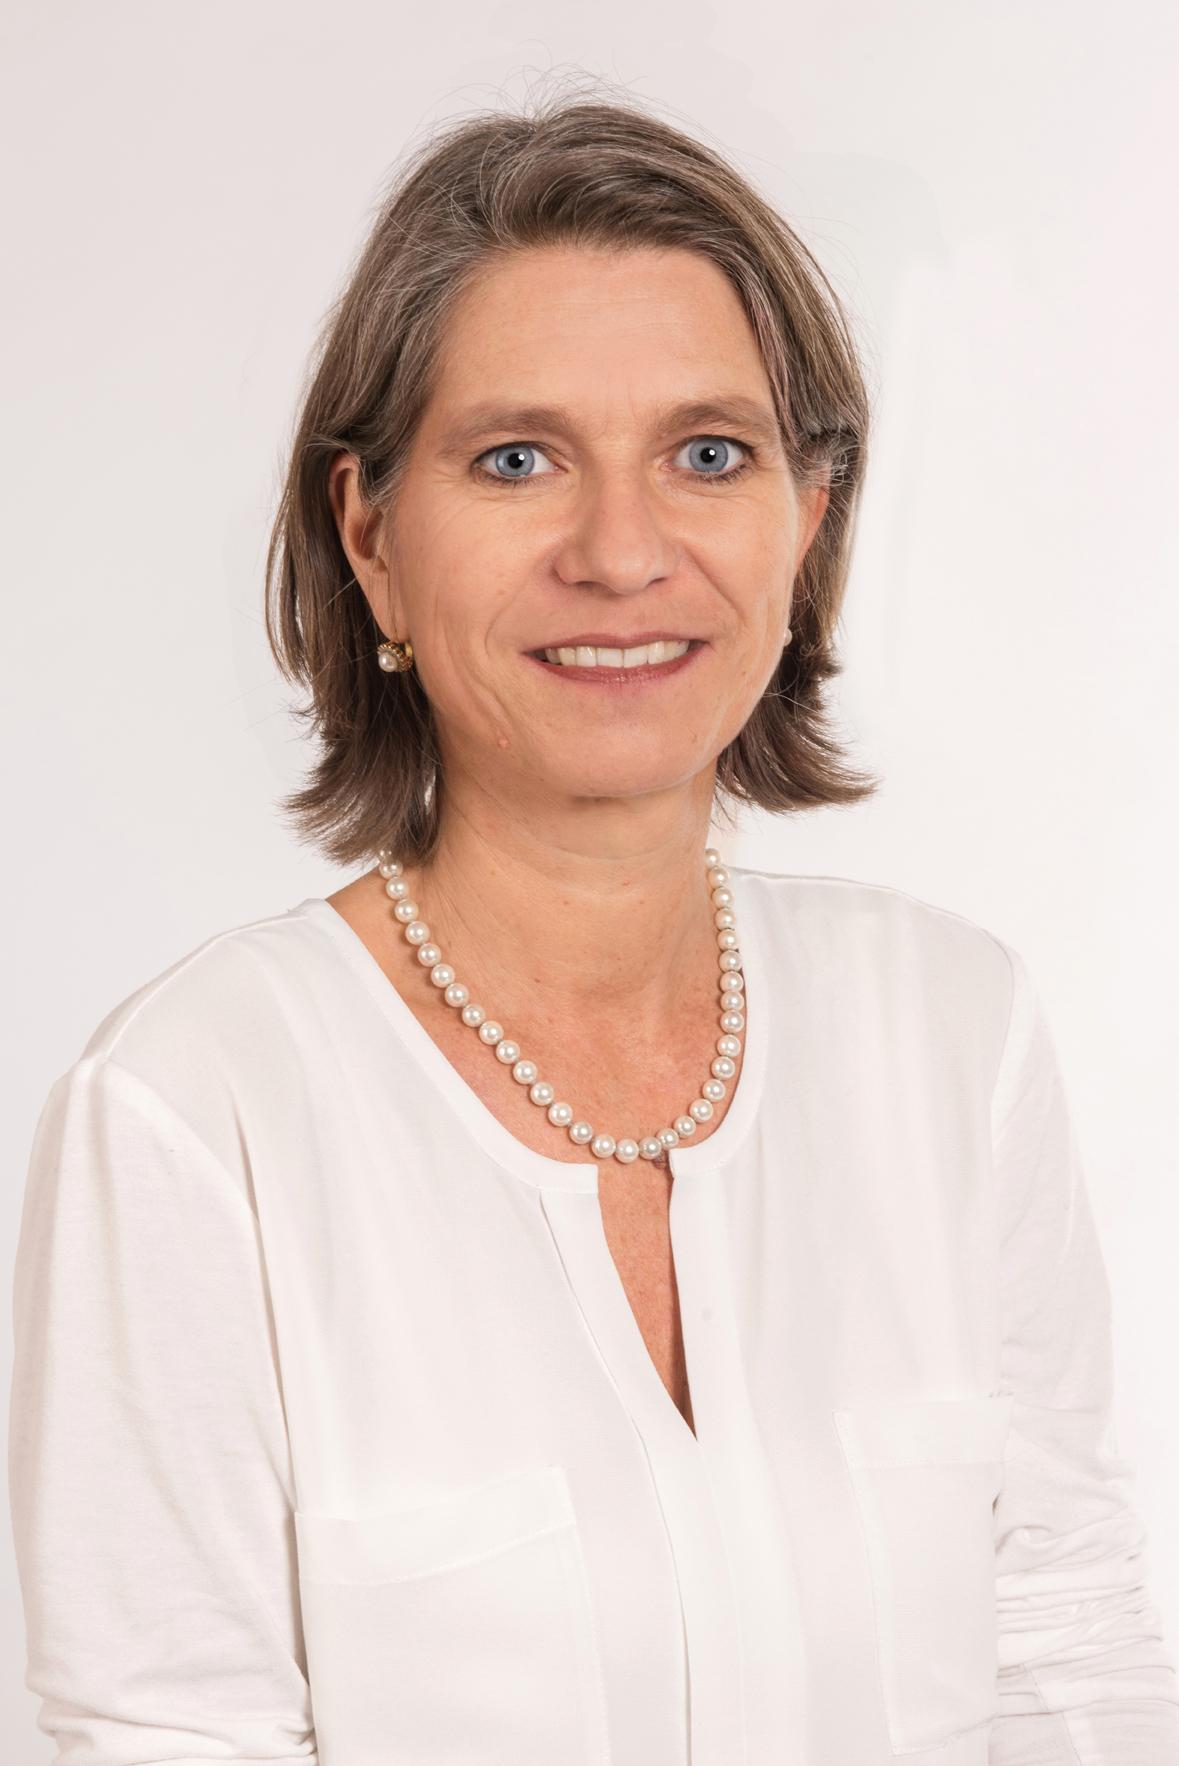 Alexandra Braunmiller